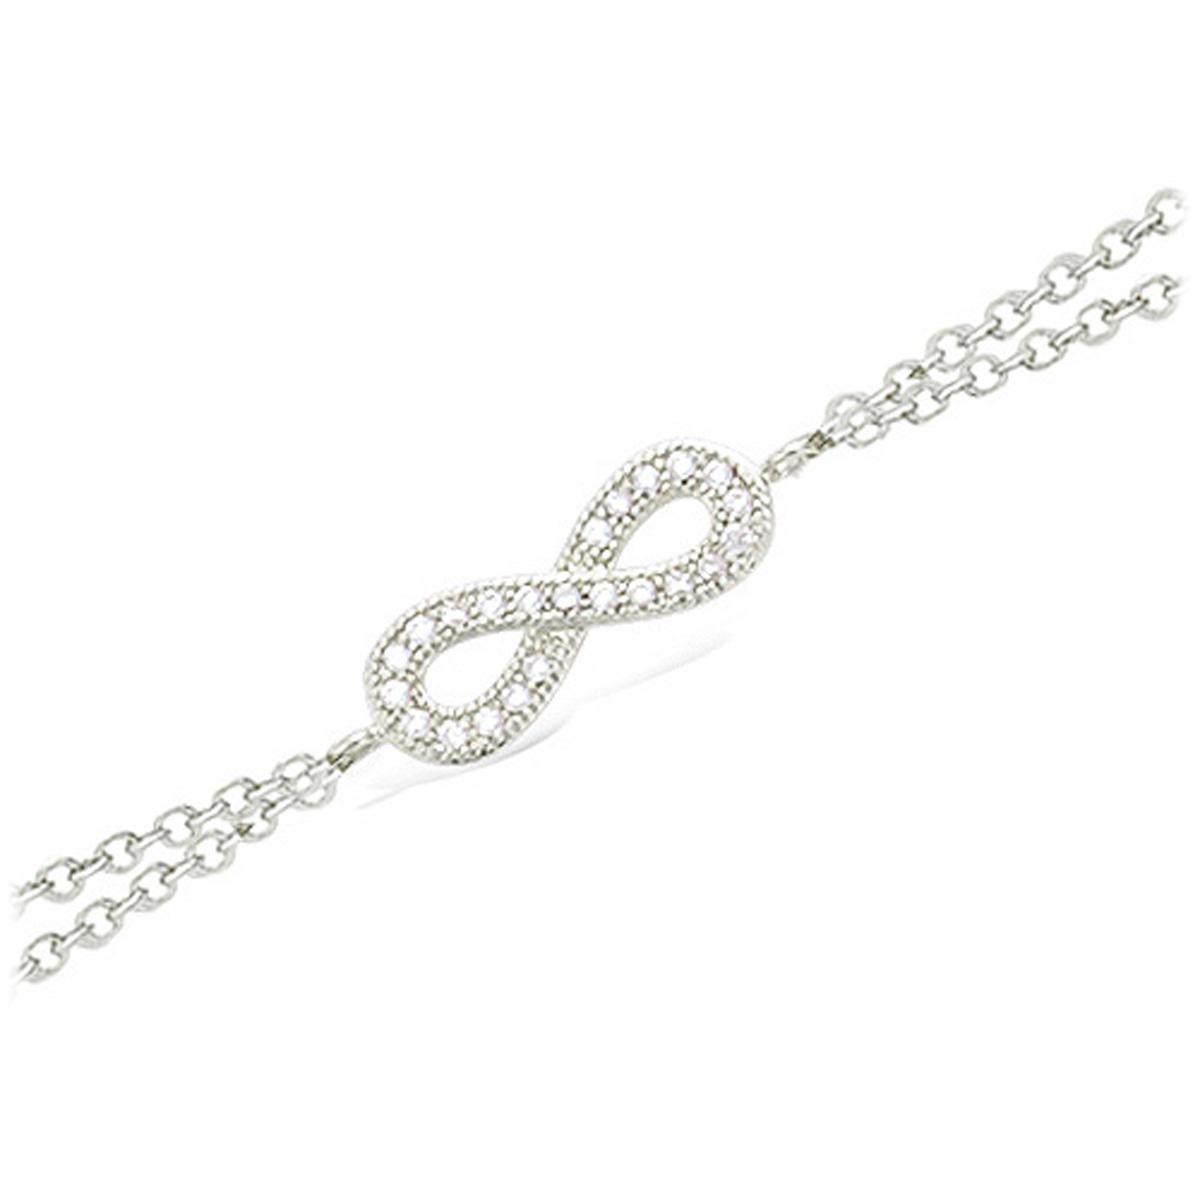 Bracelet bague argent \'Infini\' blanc argenté (rhodié) - 14x5 mm - [L1273]